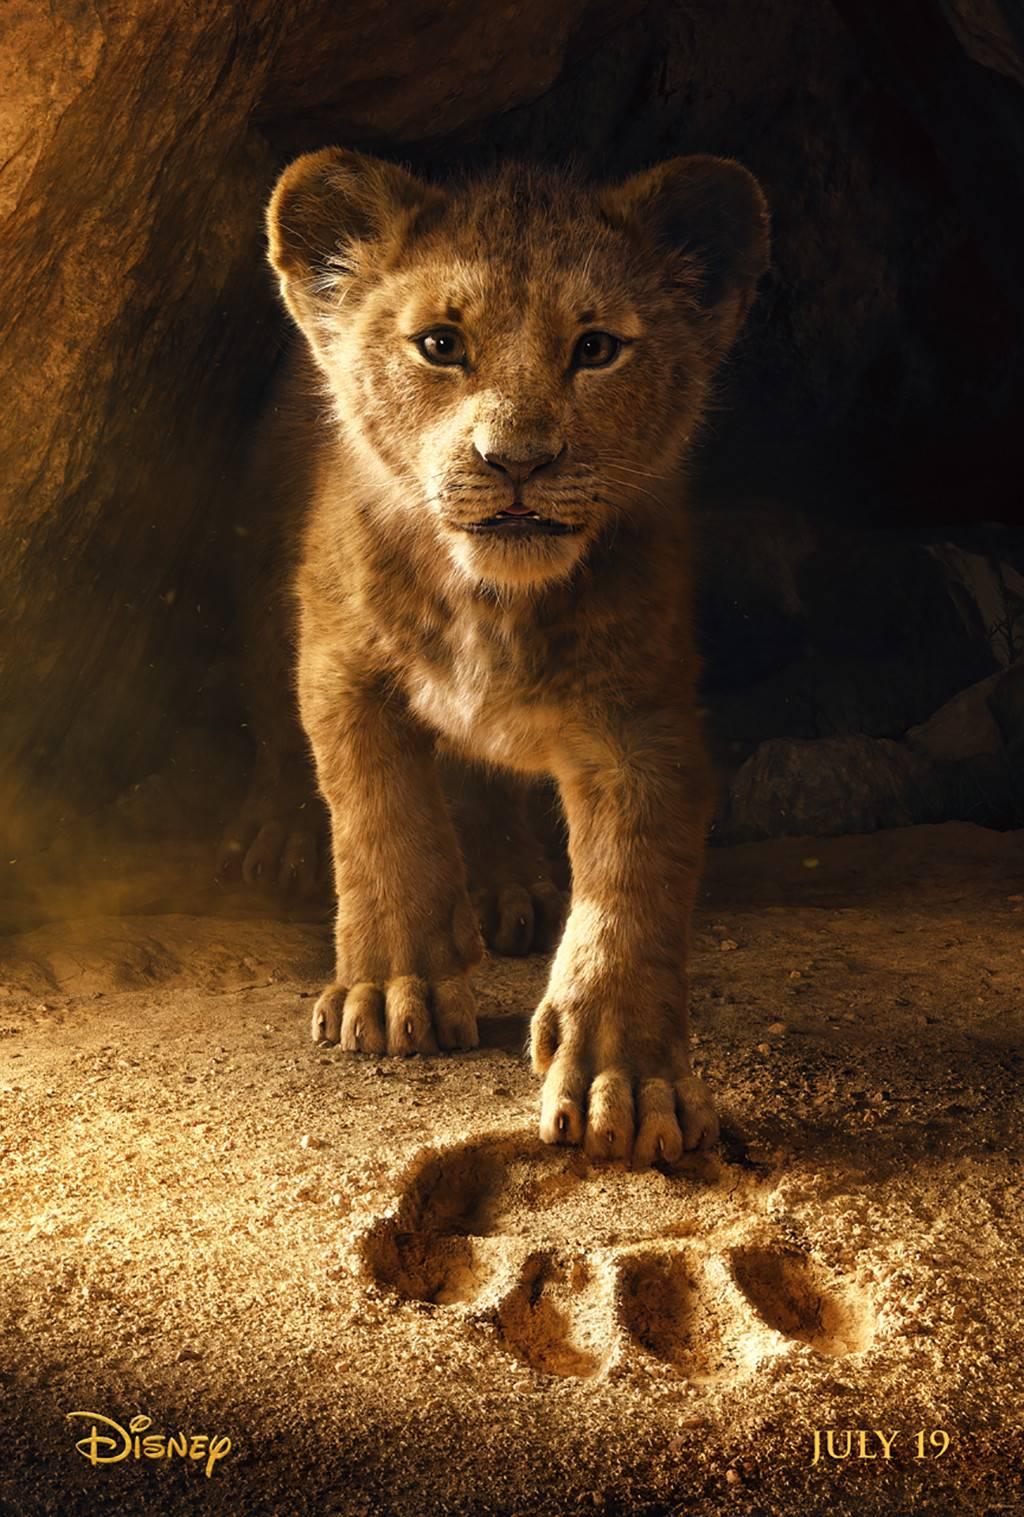 Lion King teaser